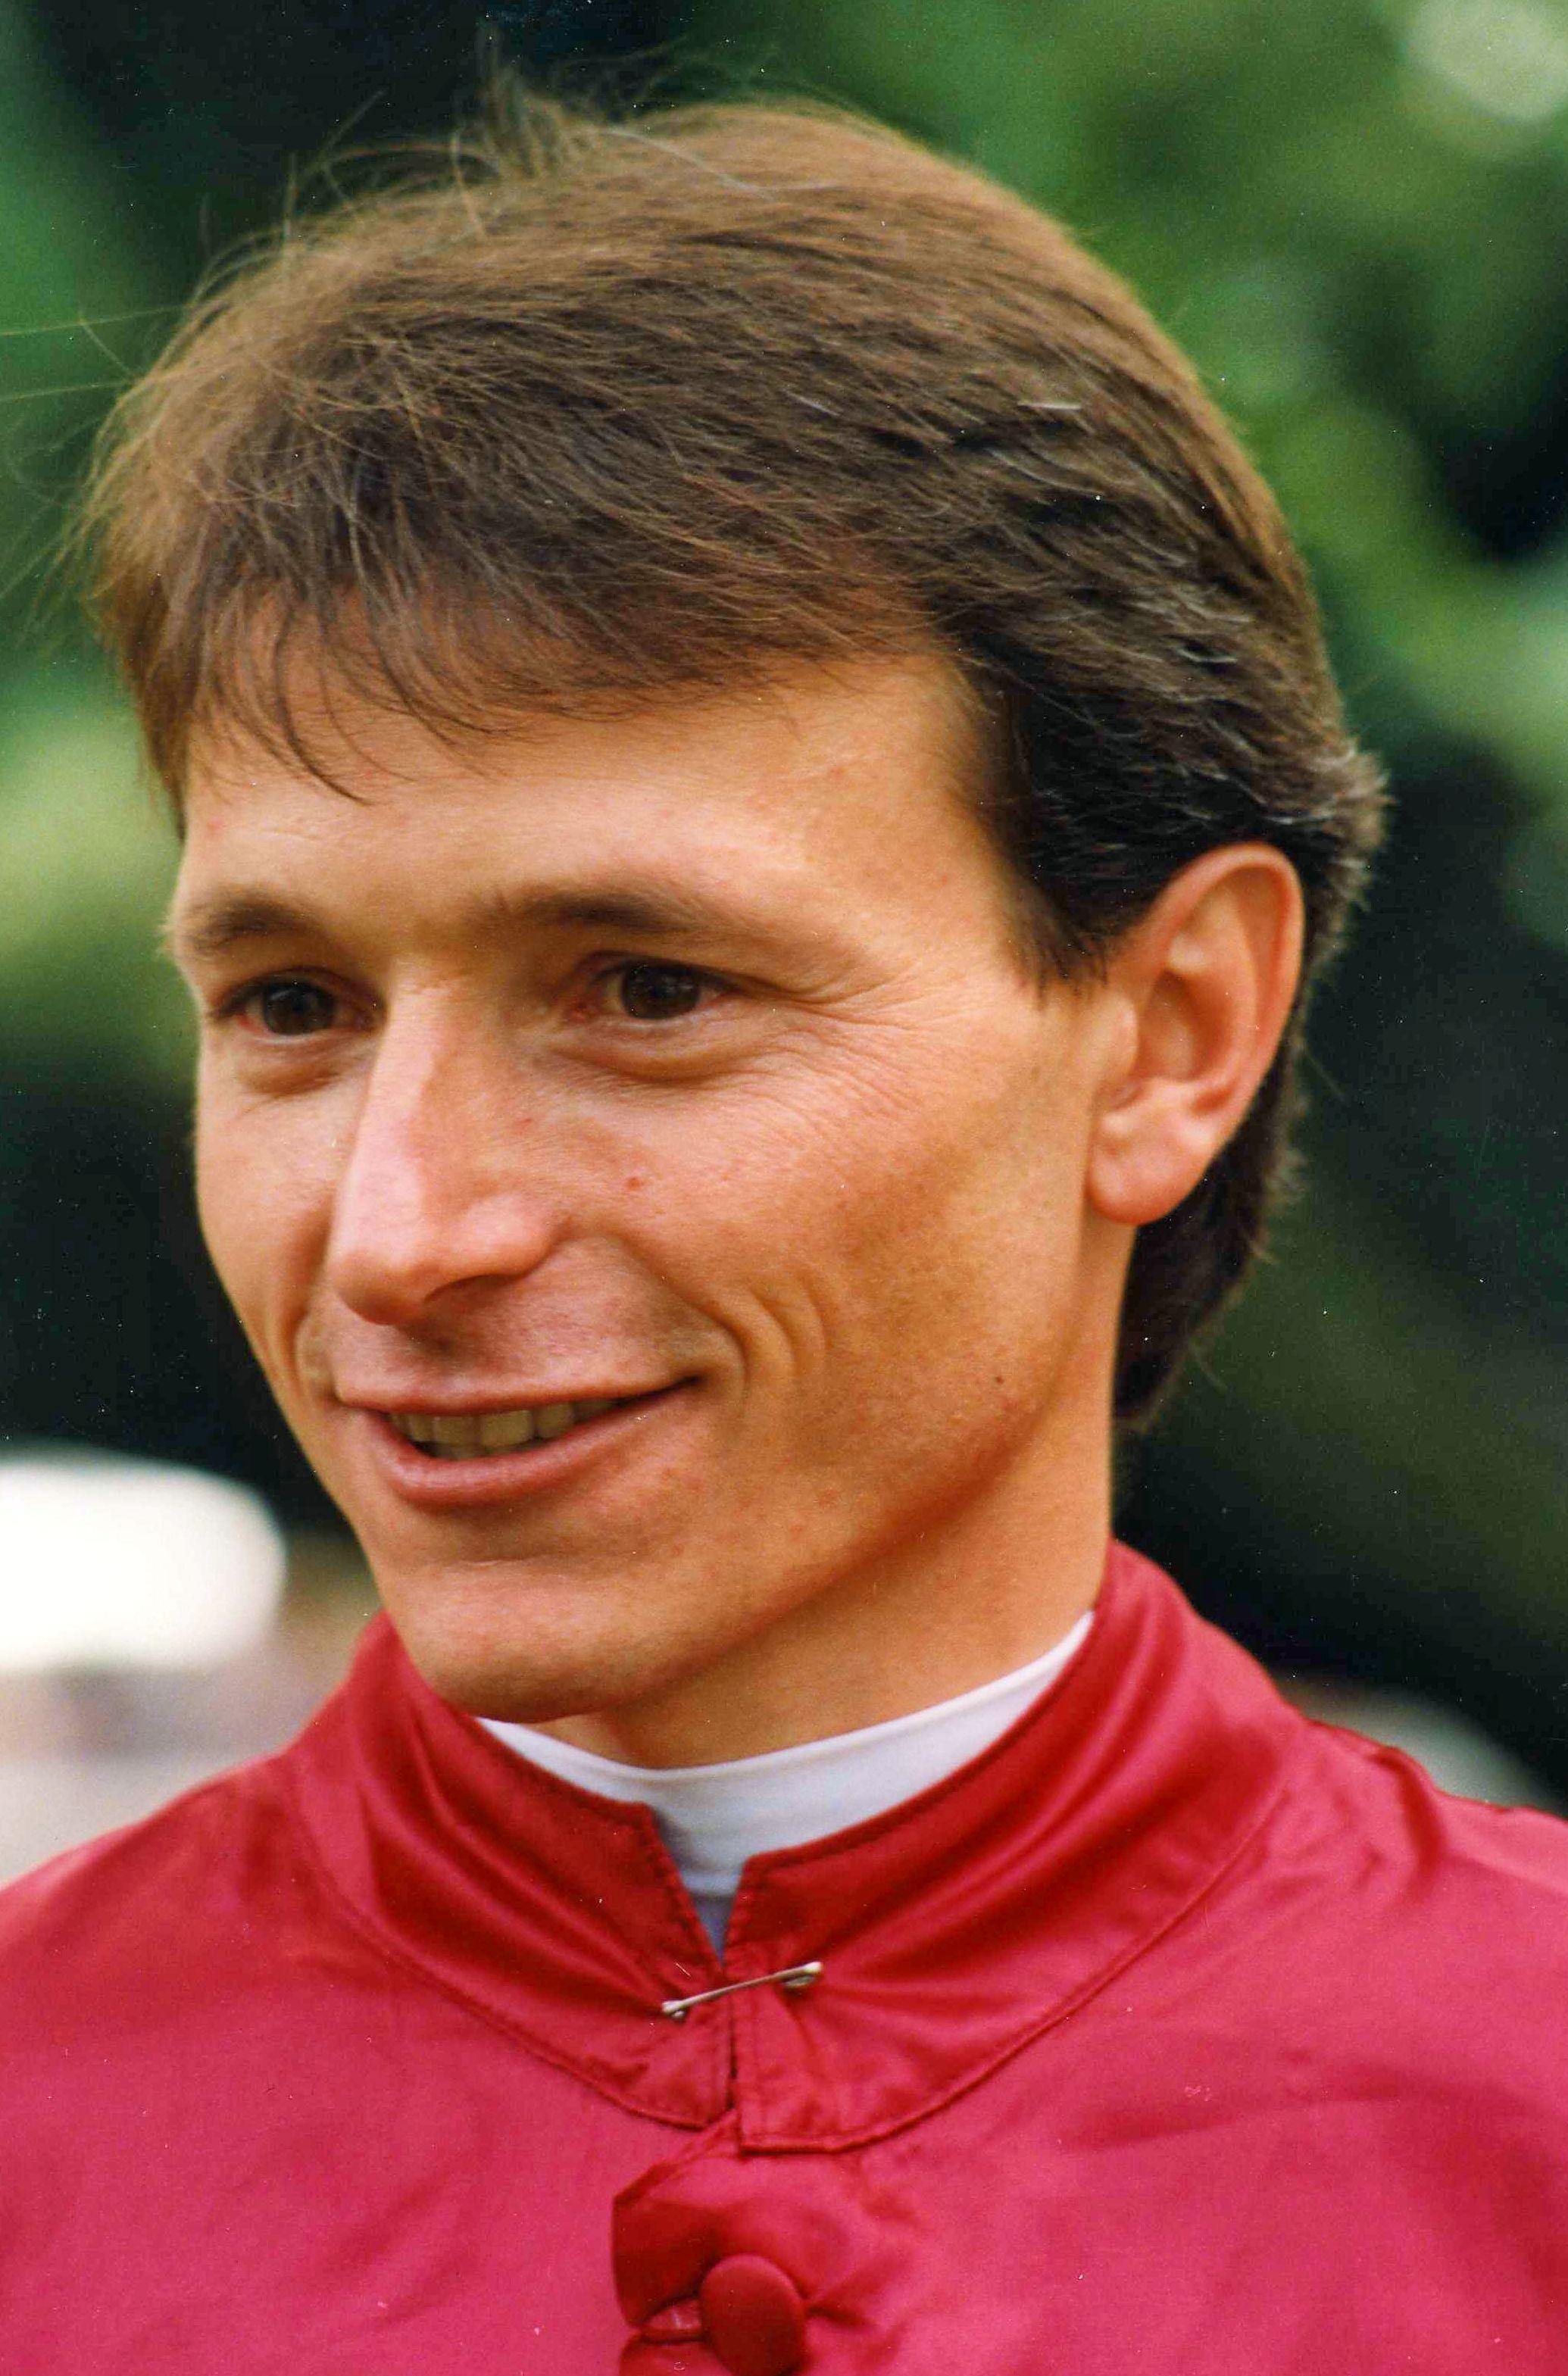 Steve Cauthen at Belmont Park, 1992 (Barbara D. Livingston/Museum Collection)